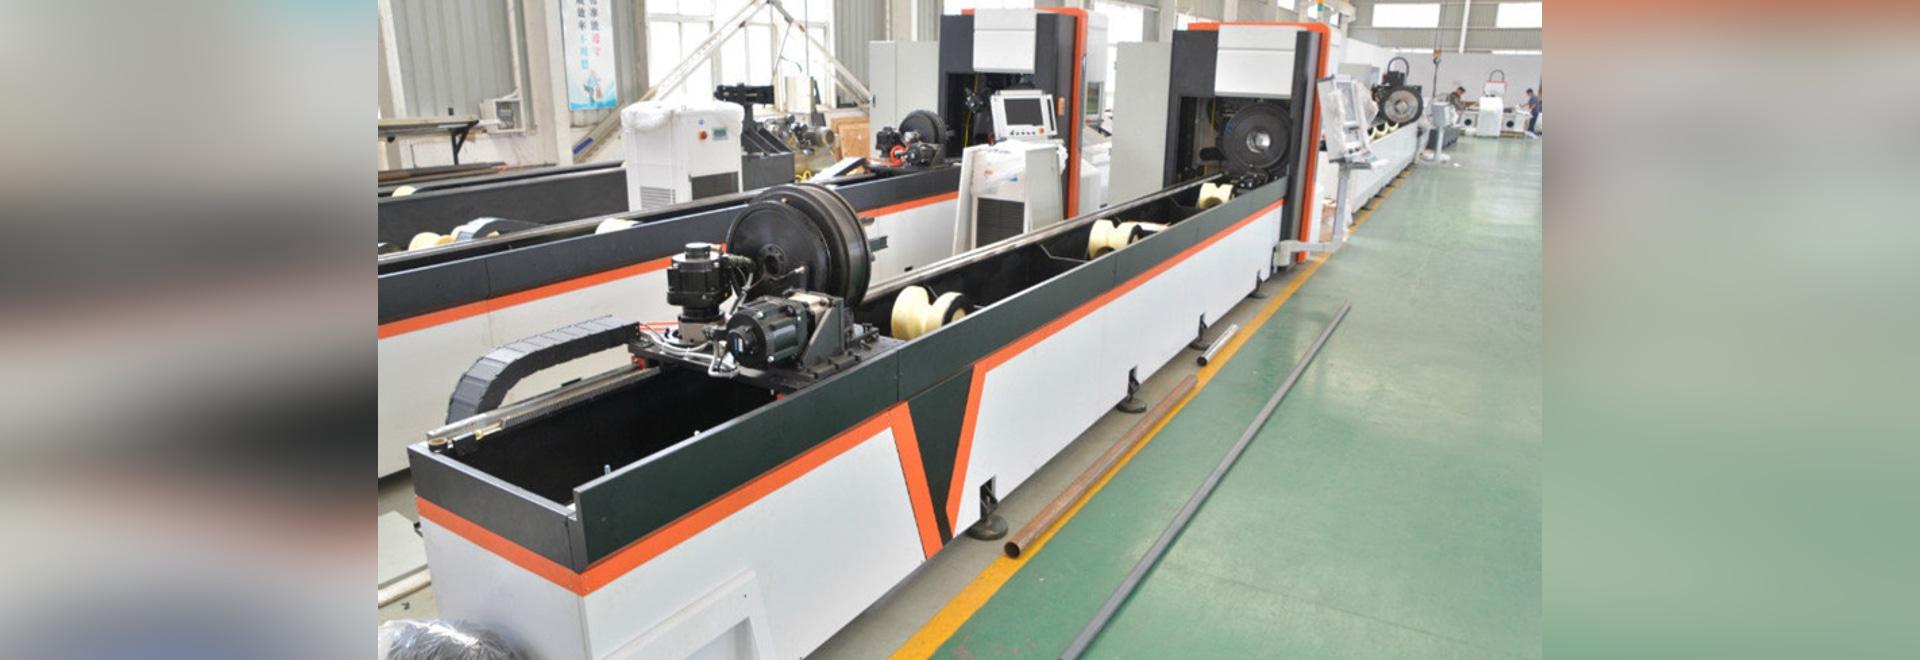 Massenproduktion von automatischen Bündel-Loader Faser-Laser-Metall-Rohr / Rohr-Schneidemaschine von Golden Vtop Laser Faser Laserschneidanlage